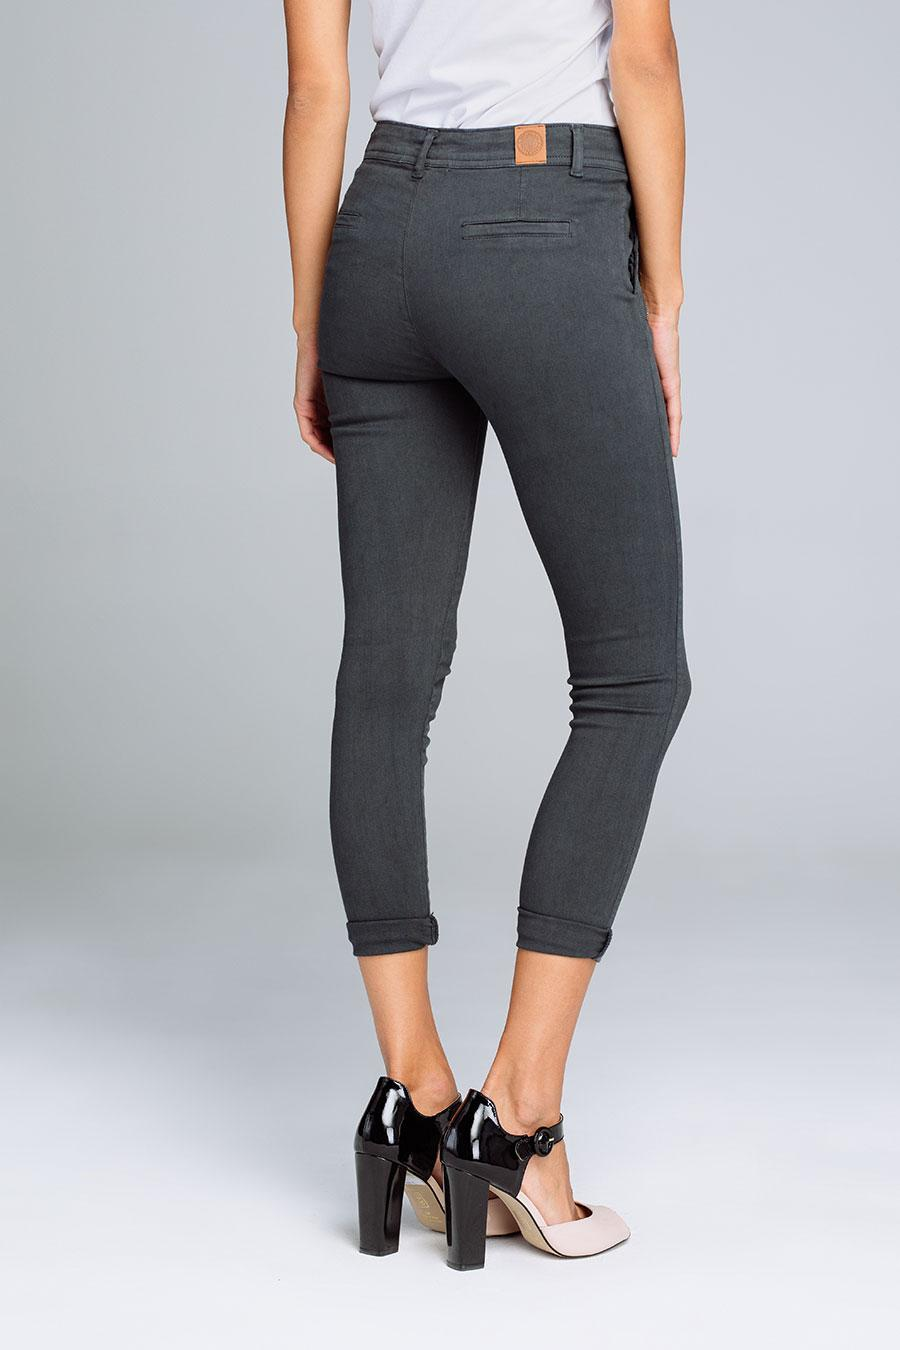 Online Shop Jagger Brand Zenske Pantalone Jg 1133 05 Jesen Zima 2020 2021 03